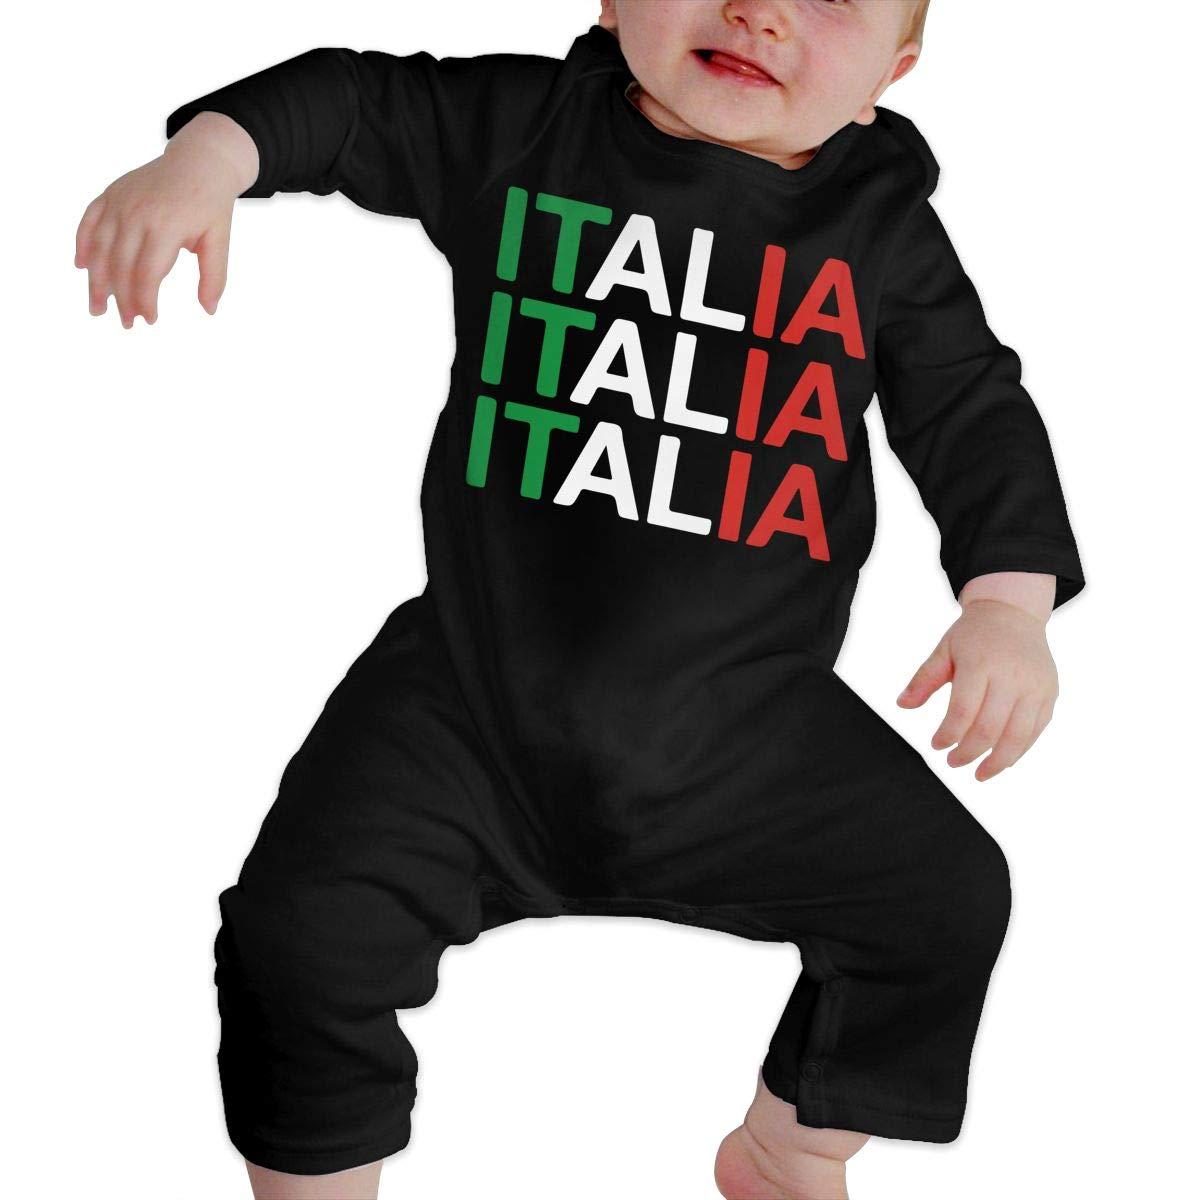 LBJQ8 Italia Baby Boys Essential Basic Bodysuit Romper Jumpsuit